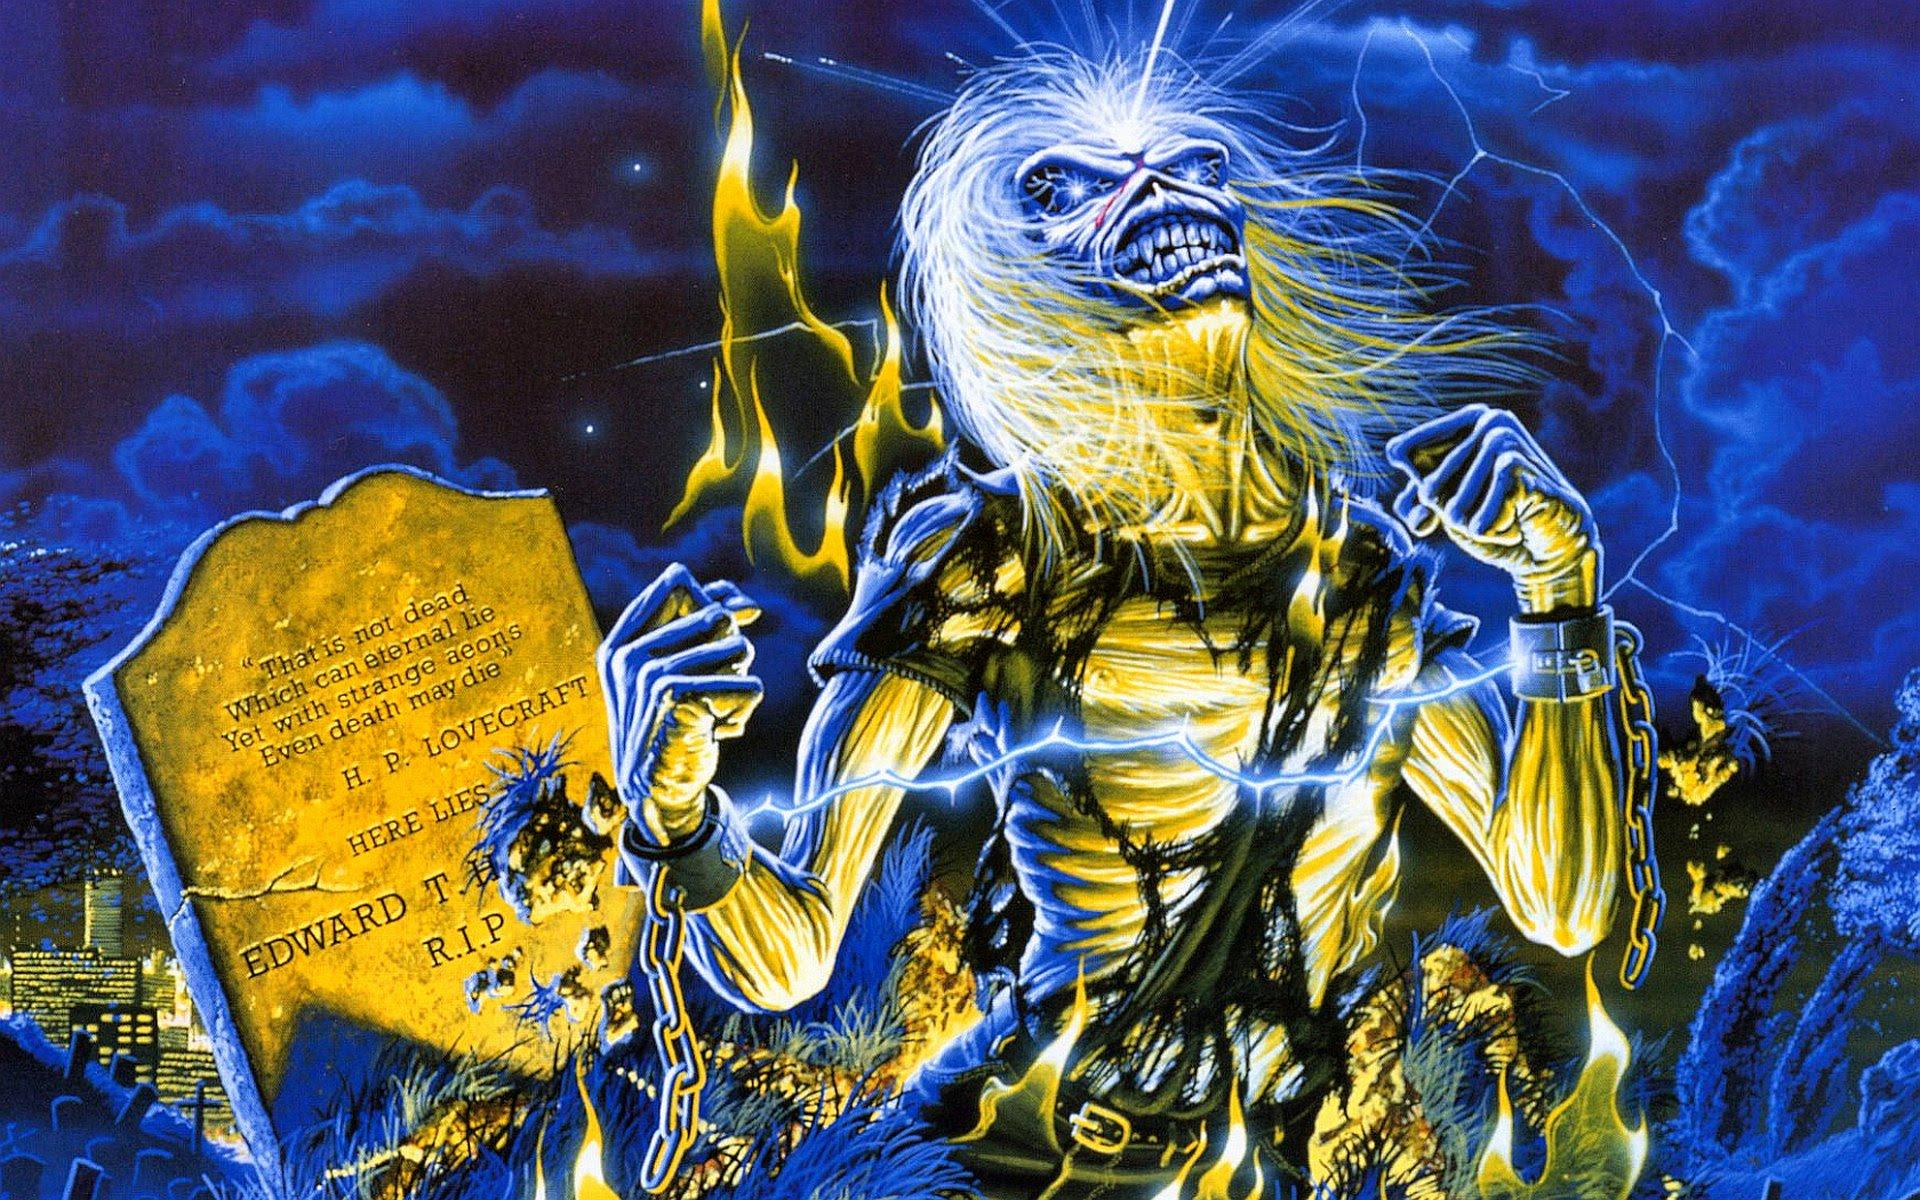 Iron Maiden Hd Wallpapers 7wallpapersnet